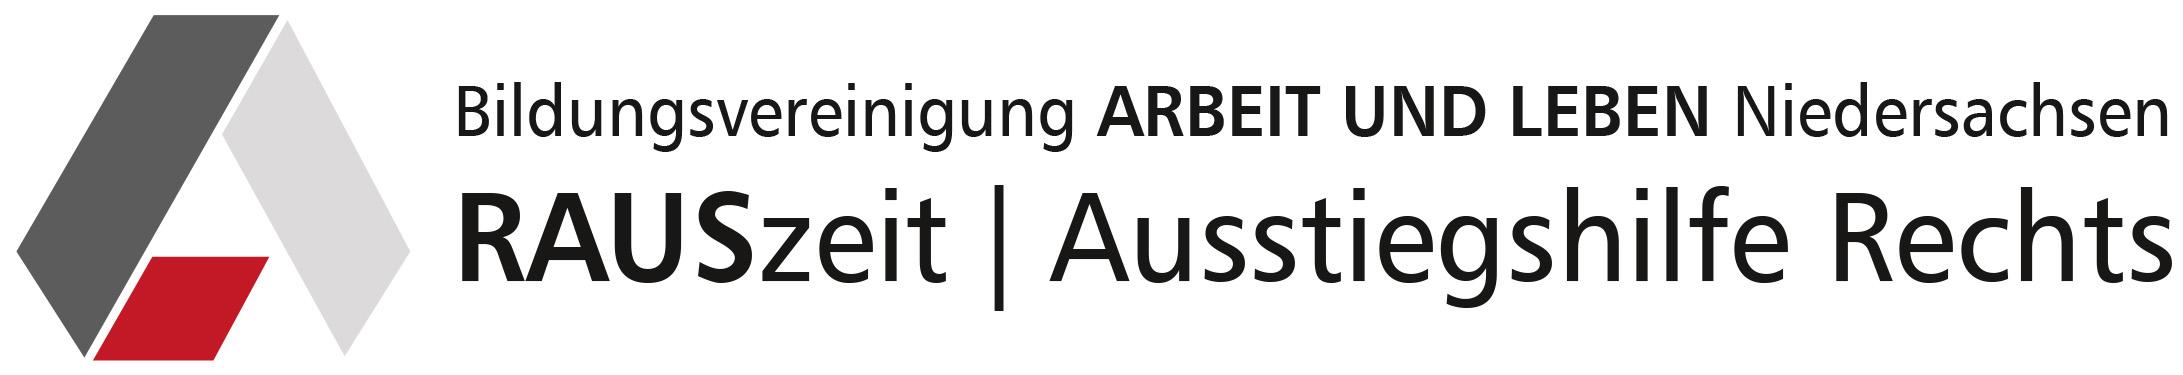 Das Logo von Rauszeit